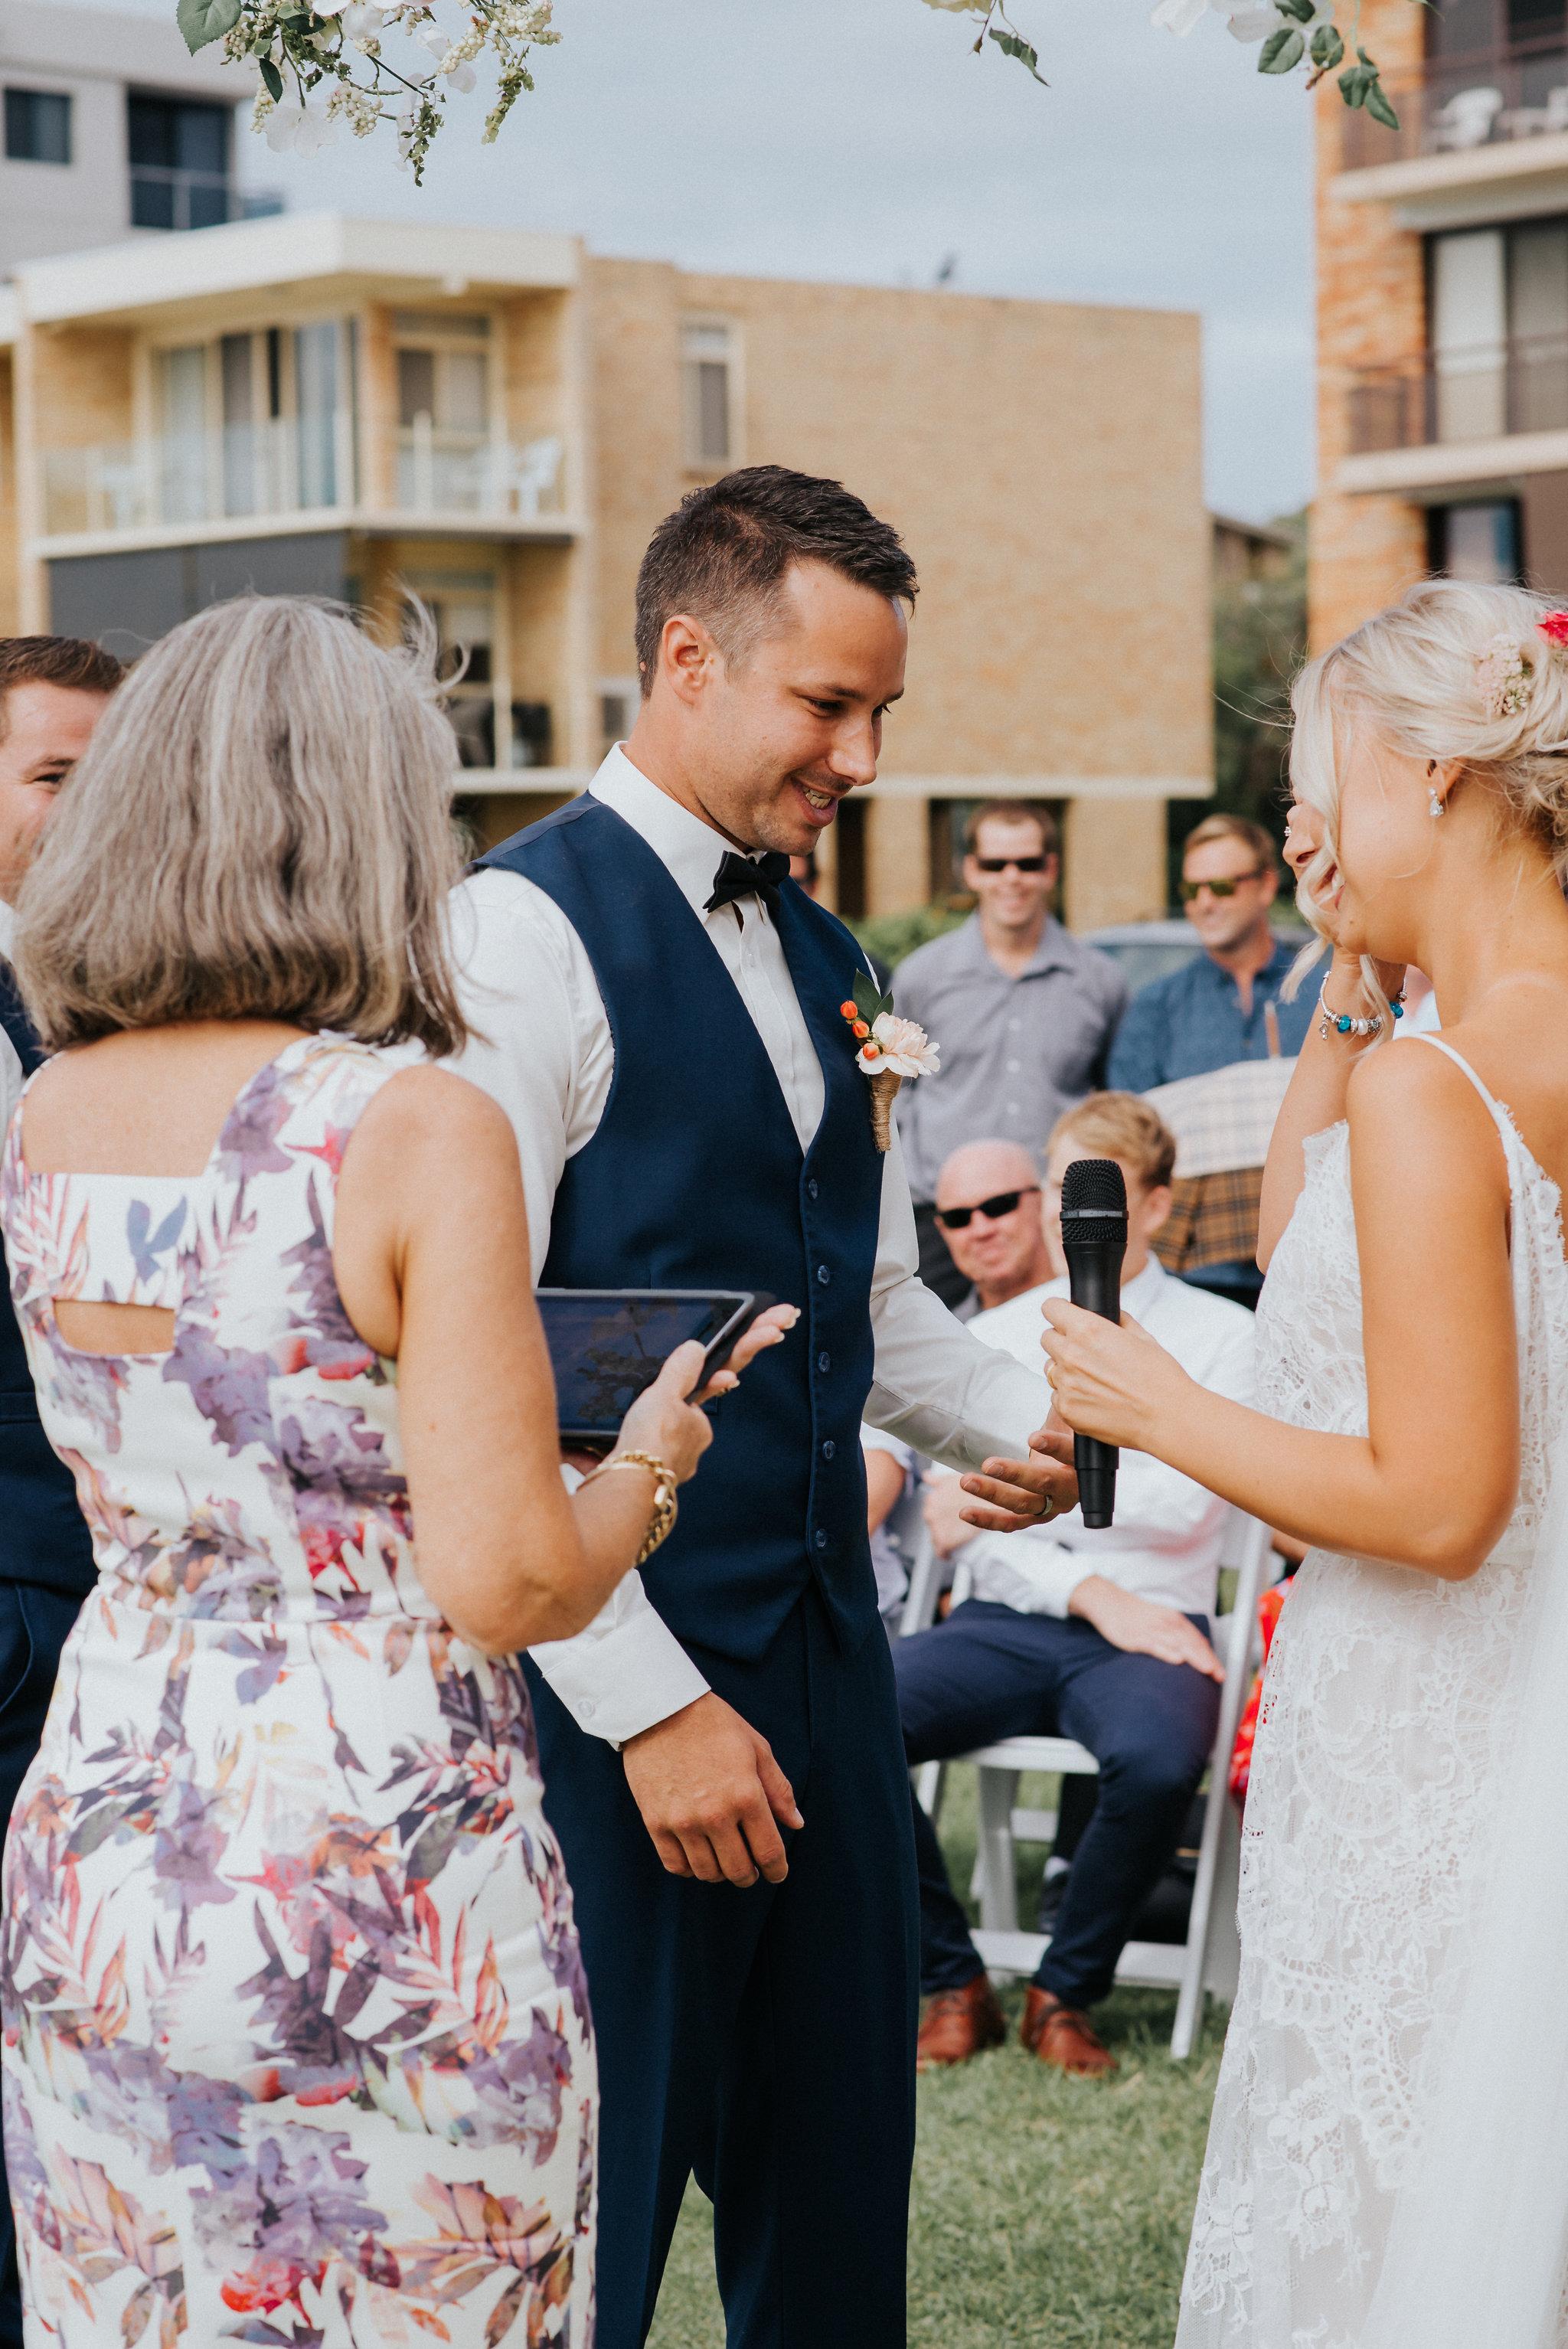 LITTLE-BEACH-WEDDING-MARCHANT-393.jpg